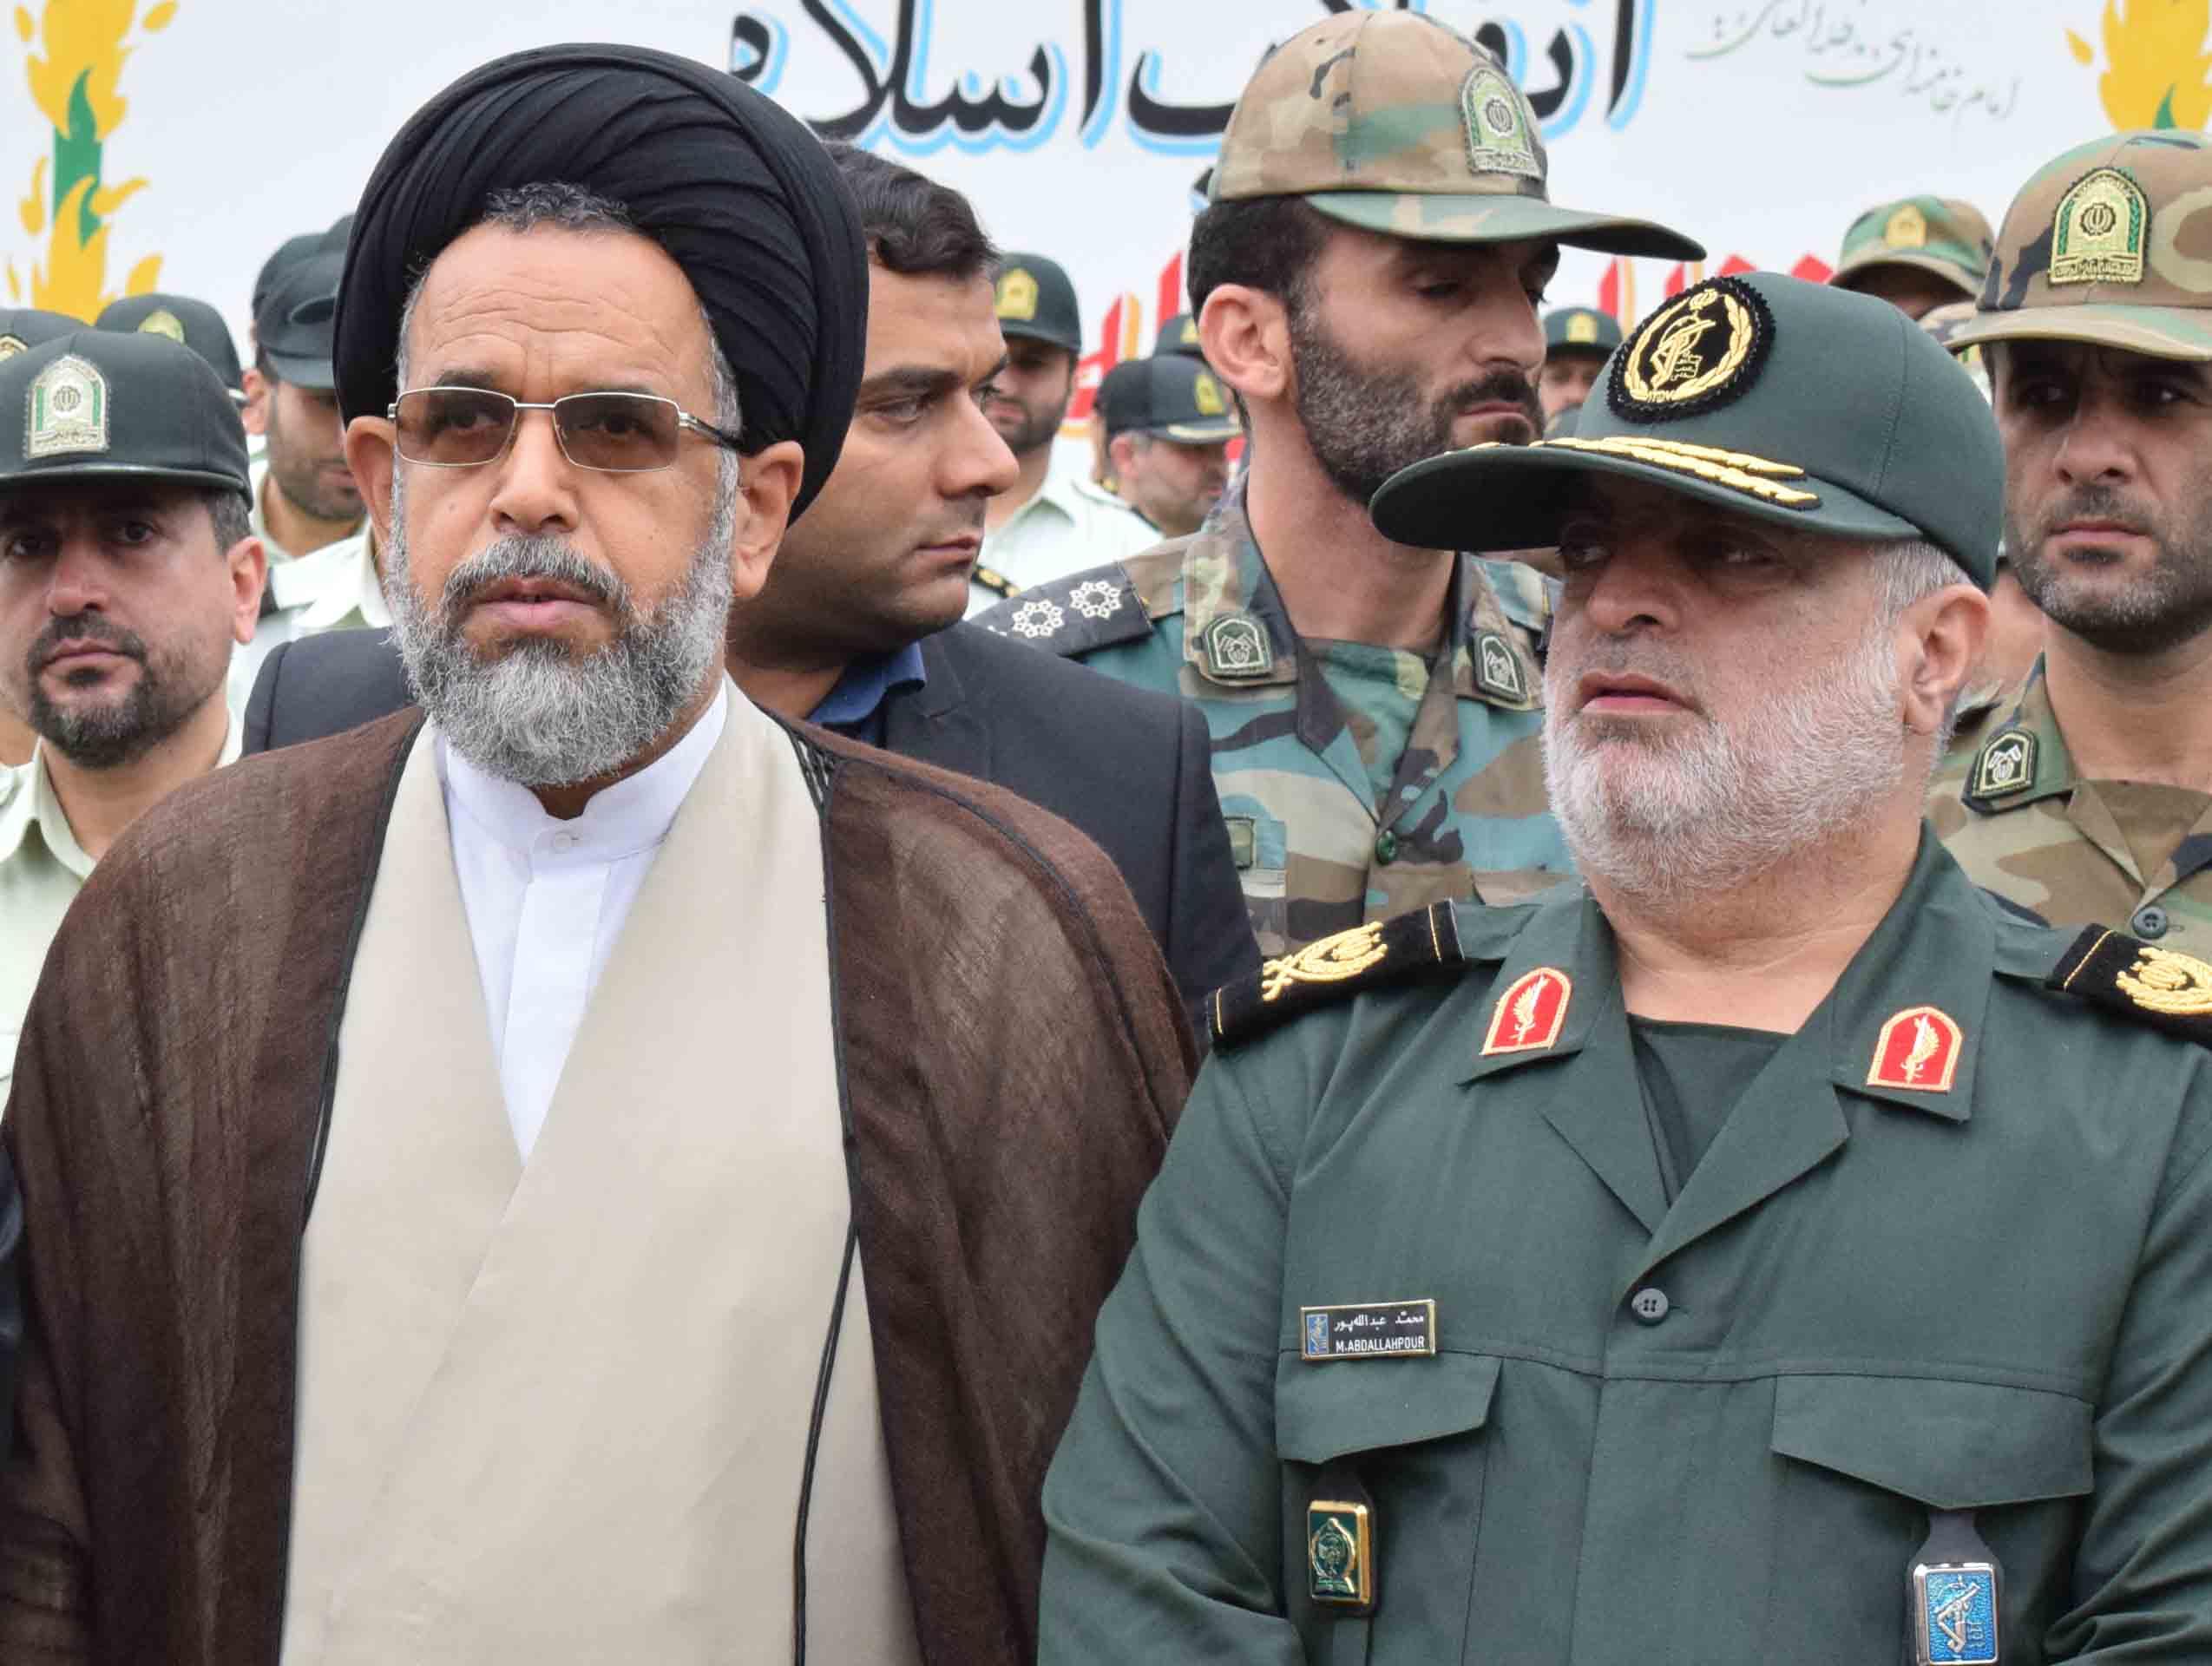 وزیر اطلاعات: تا زمانی که بوی شهادت هست مردم ایران روی اسارت نمی بینند